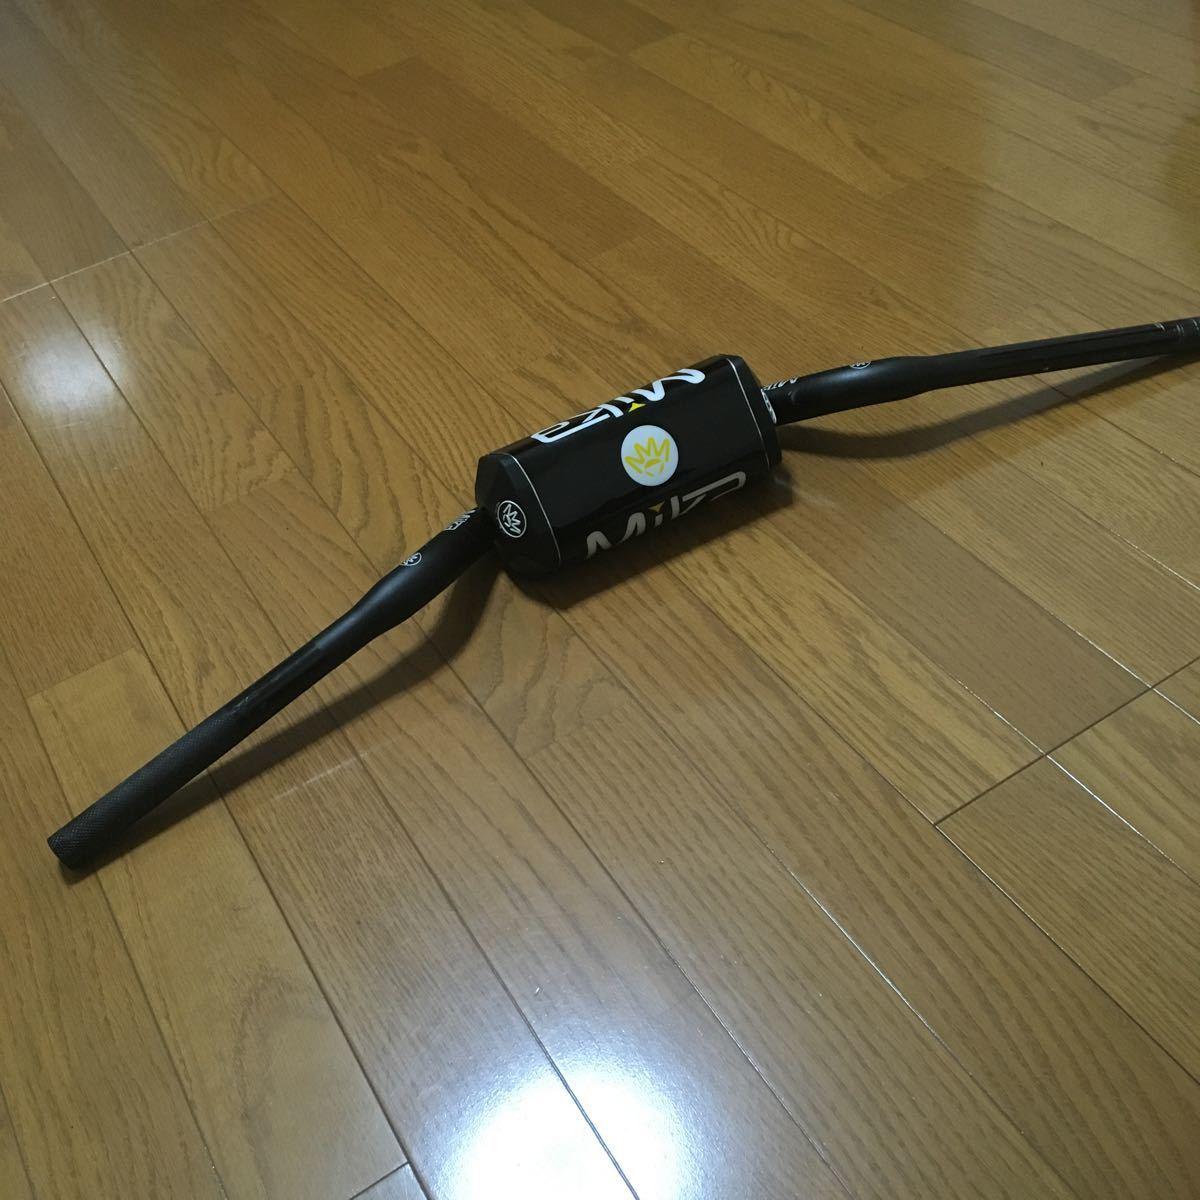 ミカメタル 28.6 YZ系 テーパーバーハンドル 検/モトクロス/モタード/CRF/RM-Z/WR/KX/250/450/レンサル/ZETA